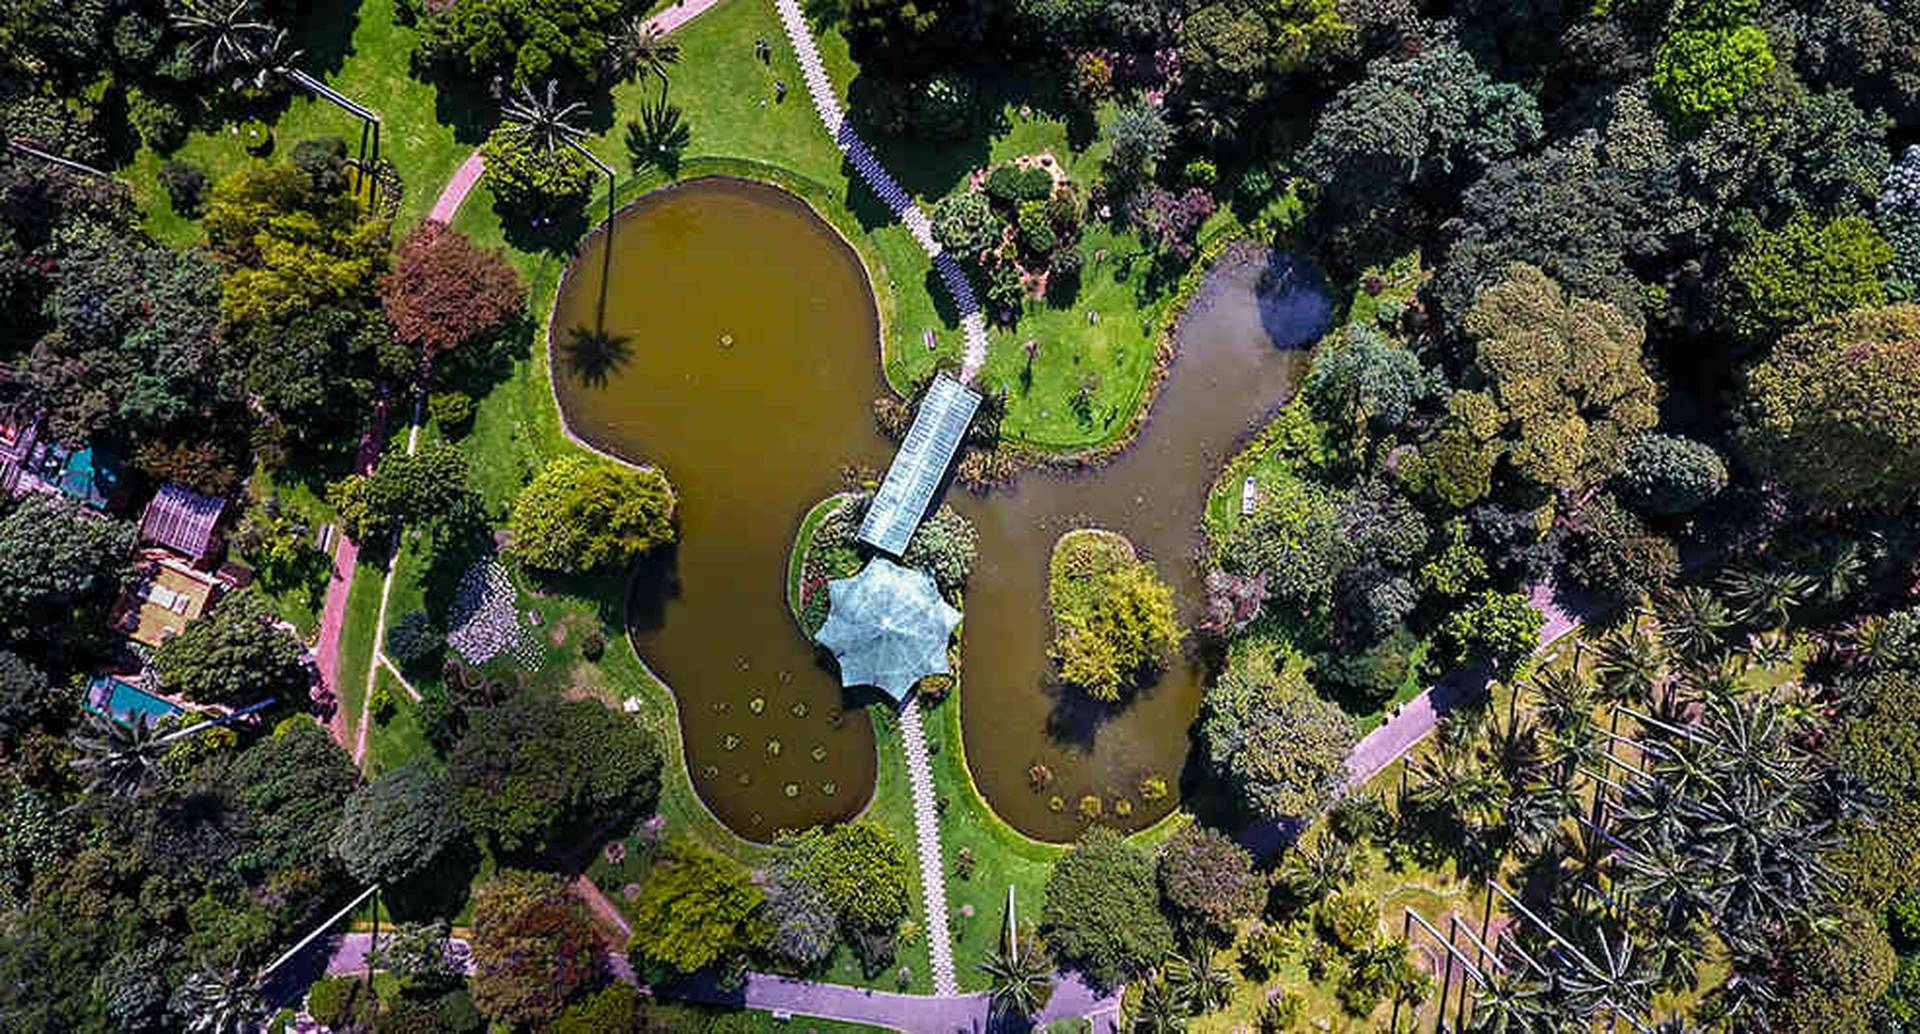 Vista aérea del Jardín Botánico José Celestino Mutis. Foto: Cortesía Jardín Botánico